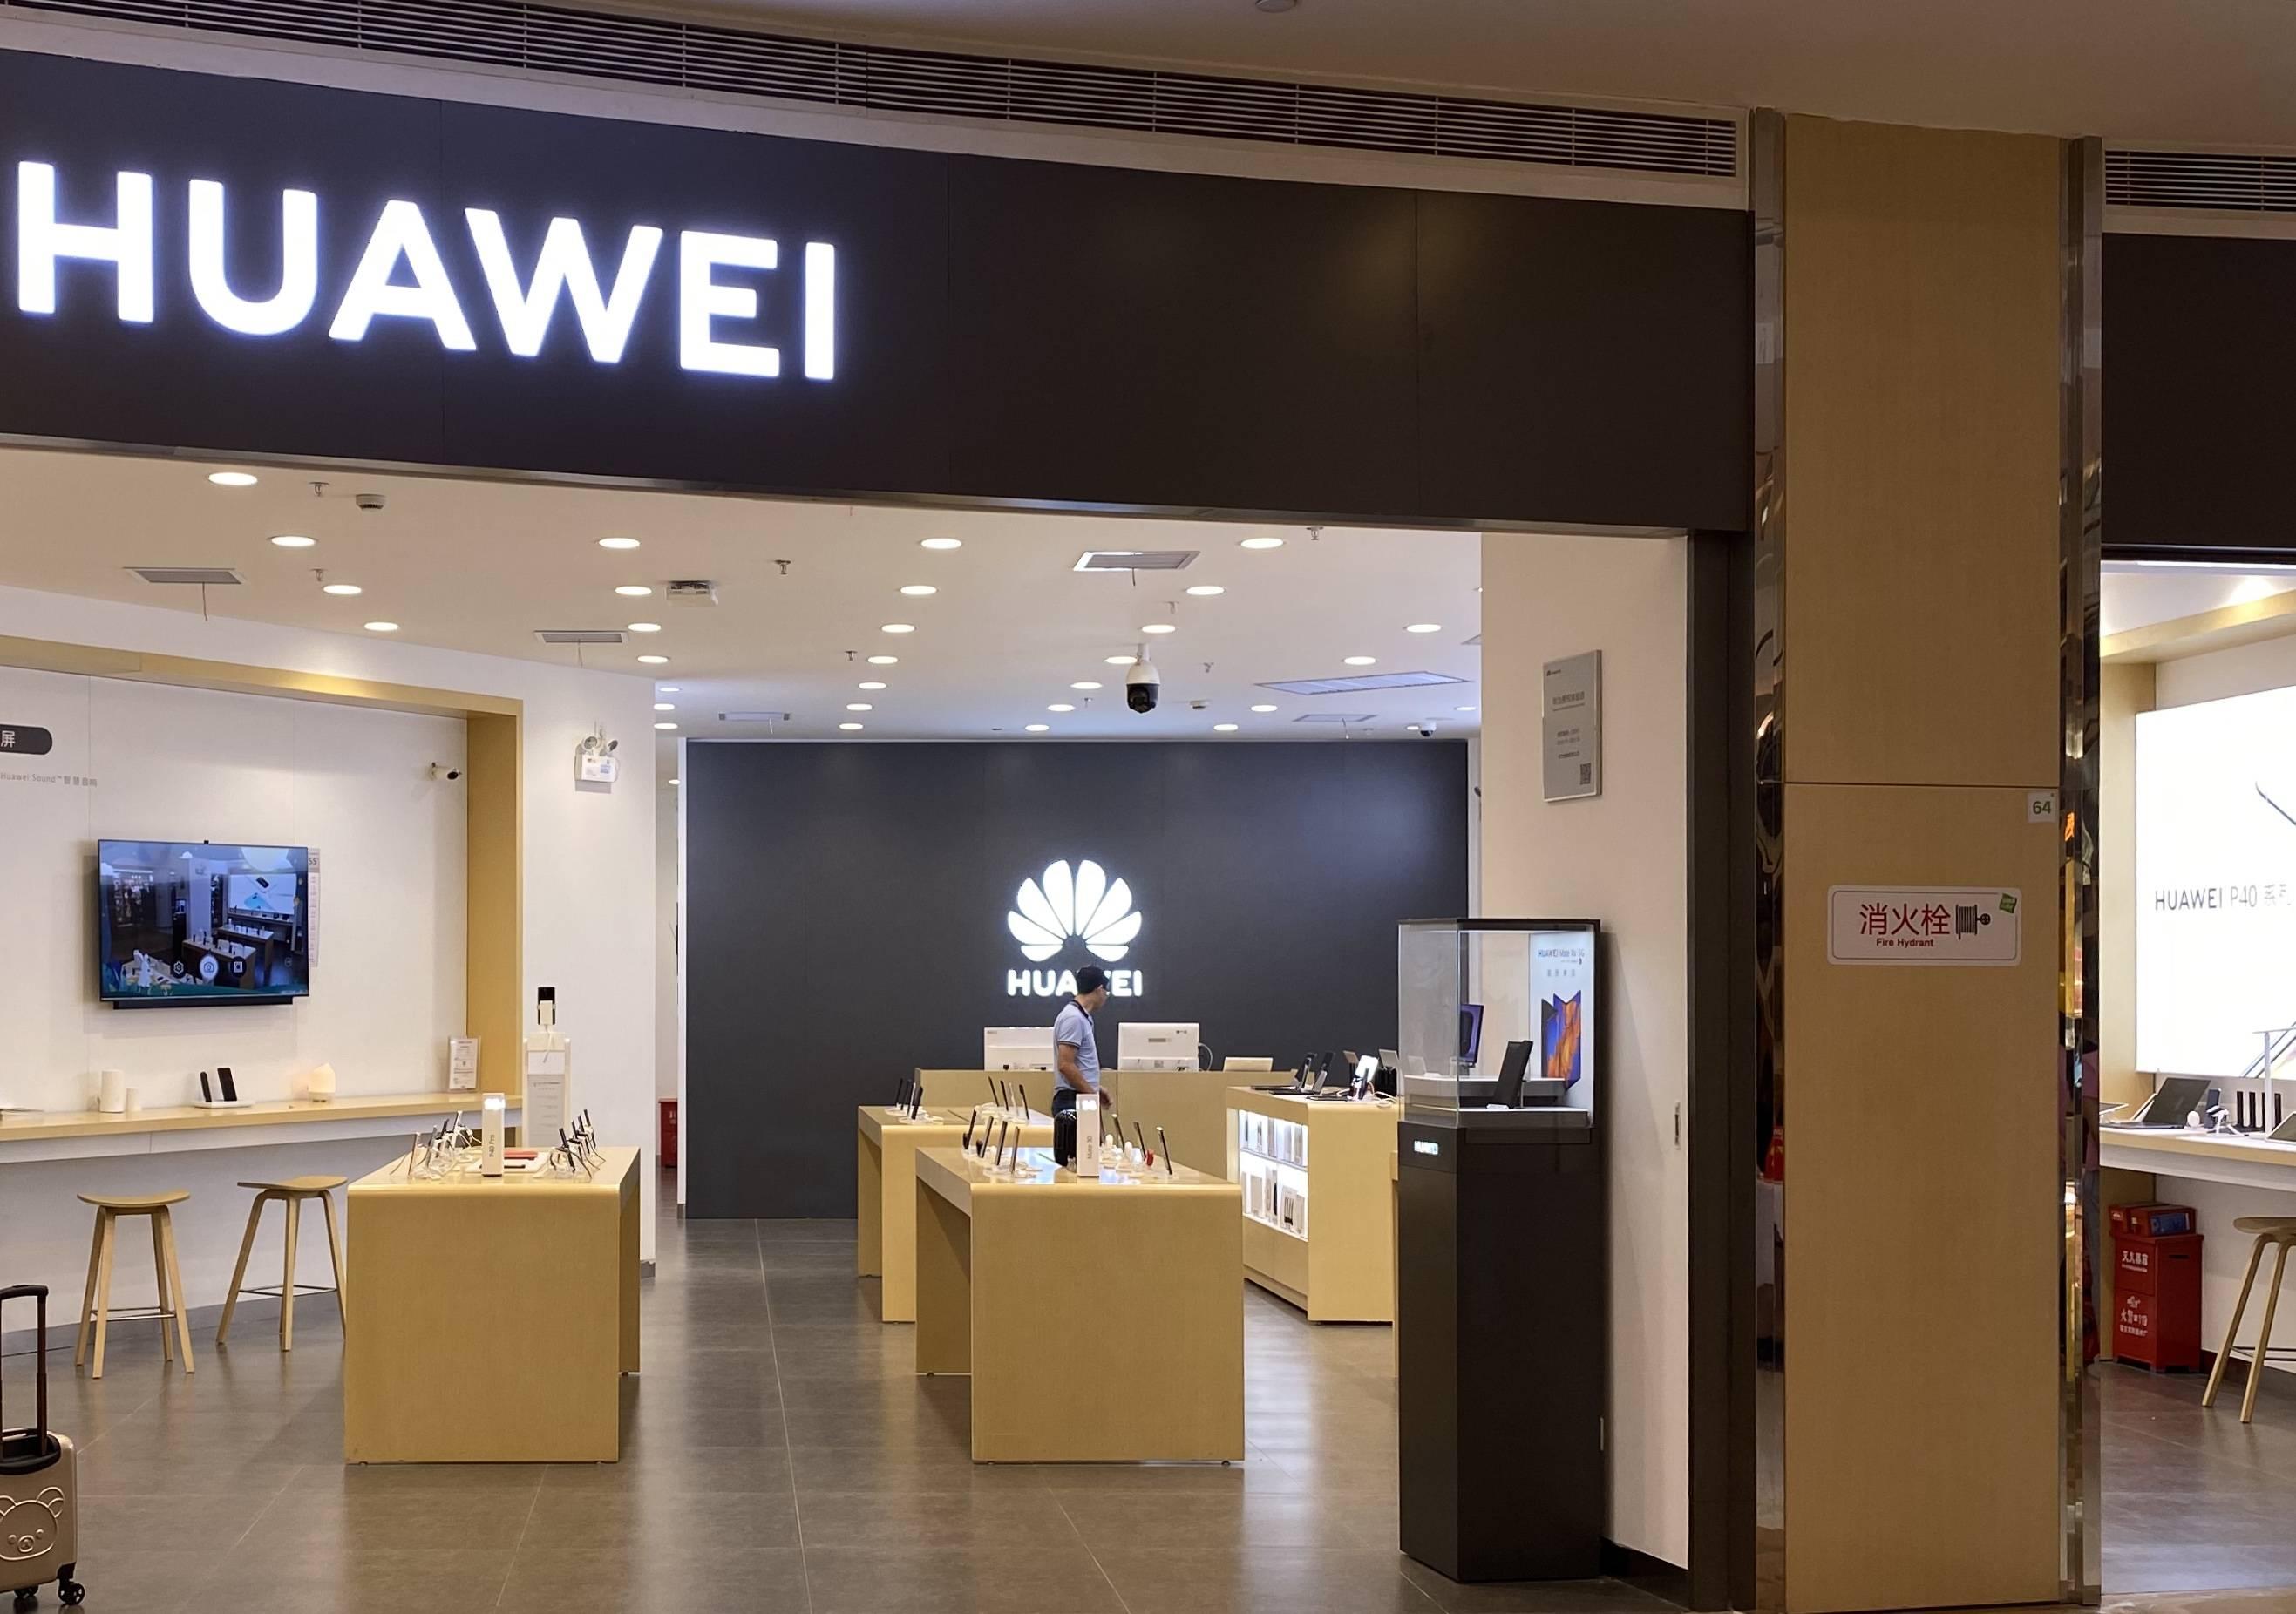 原创 苹果市值超13万亿,华为登顶全球手机第一,估值能否比肩苹果?